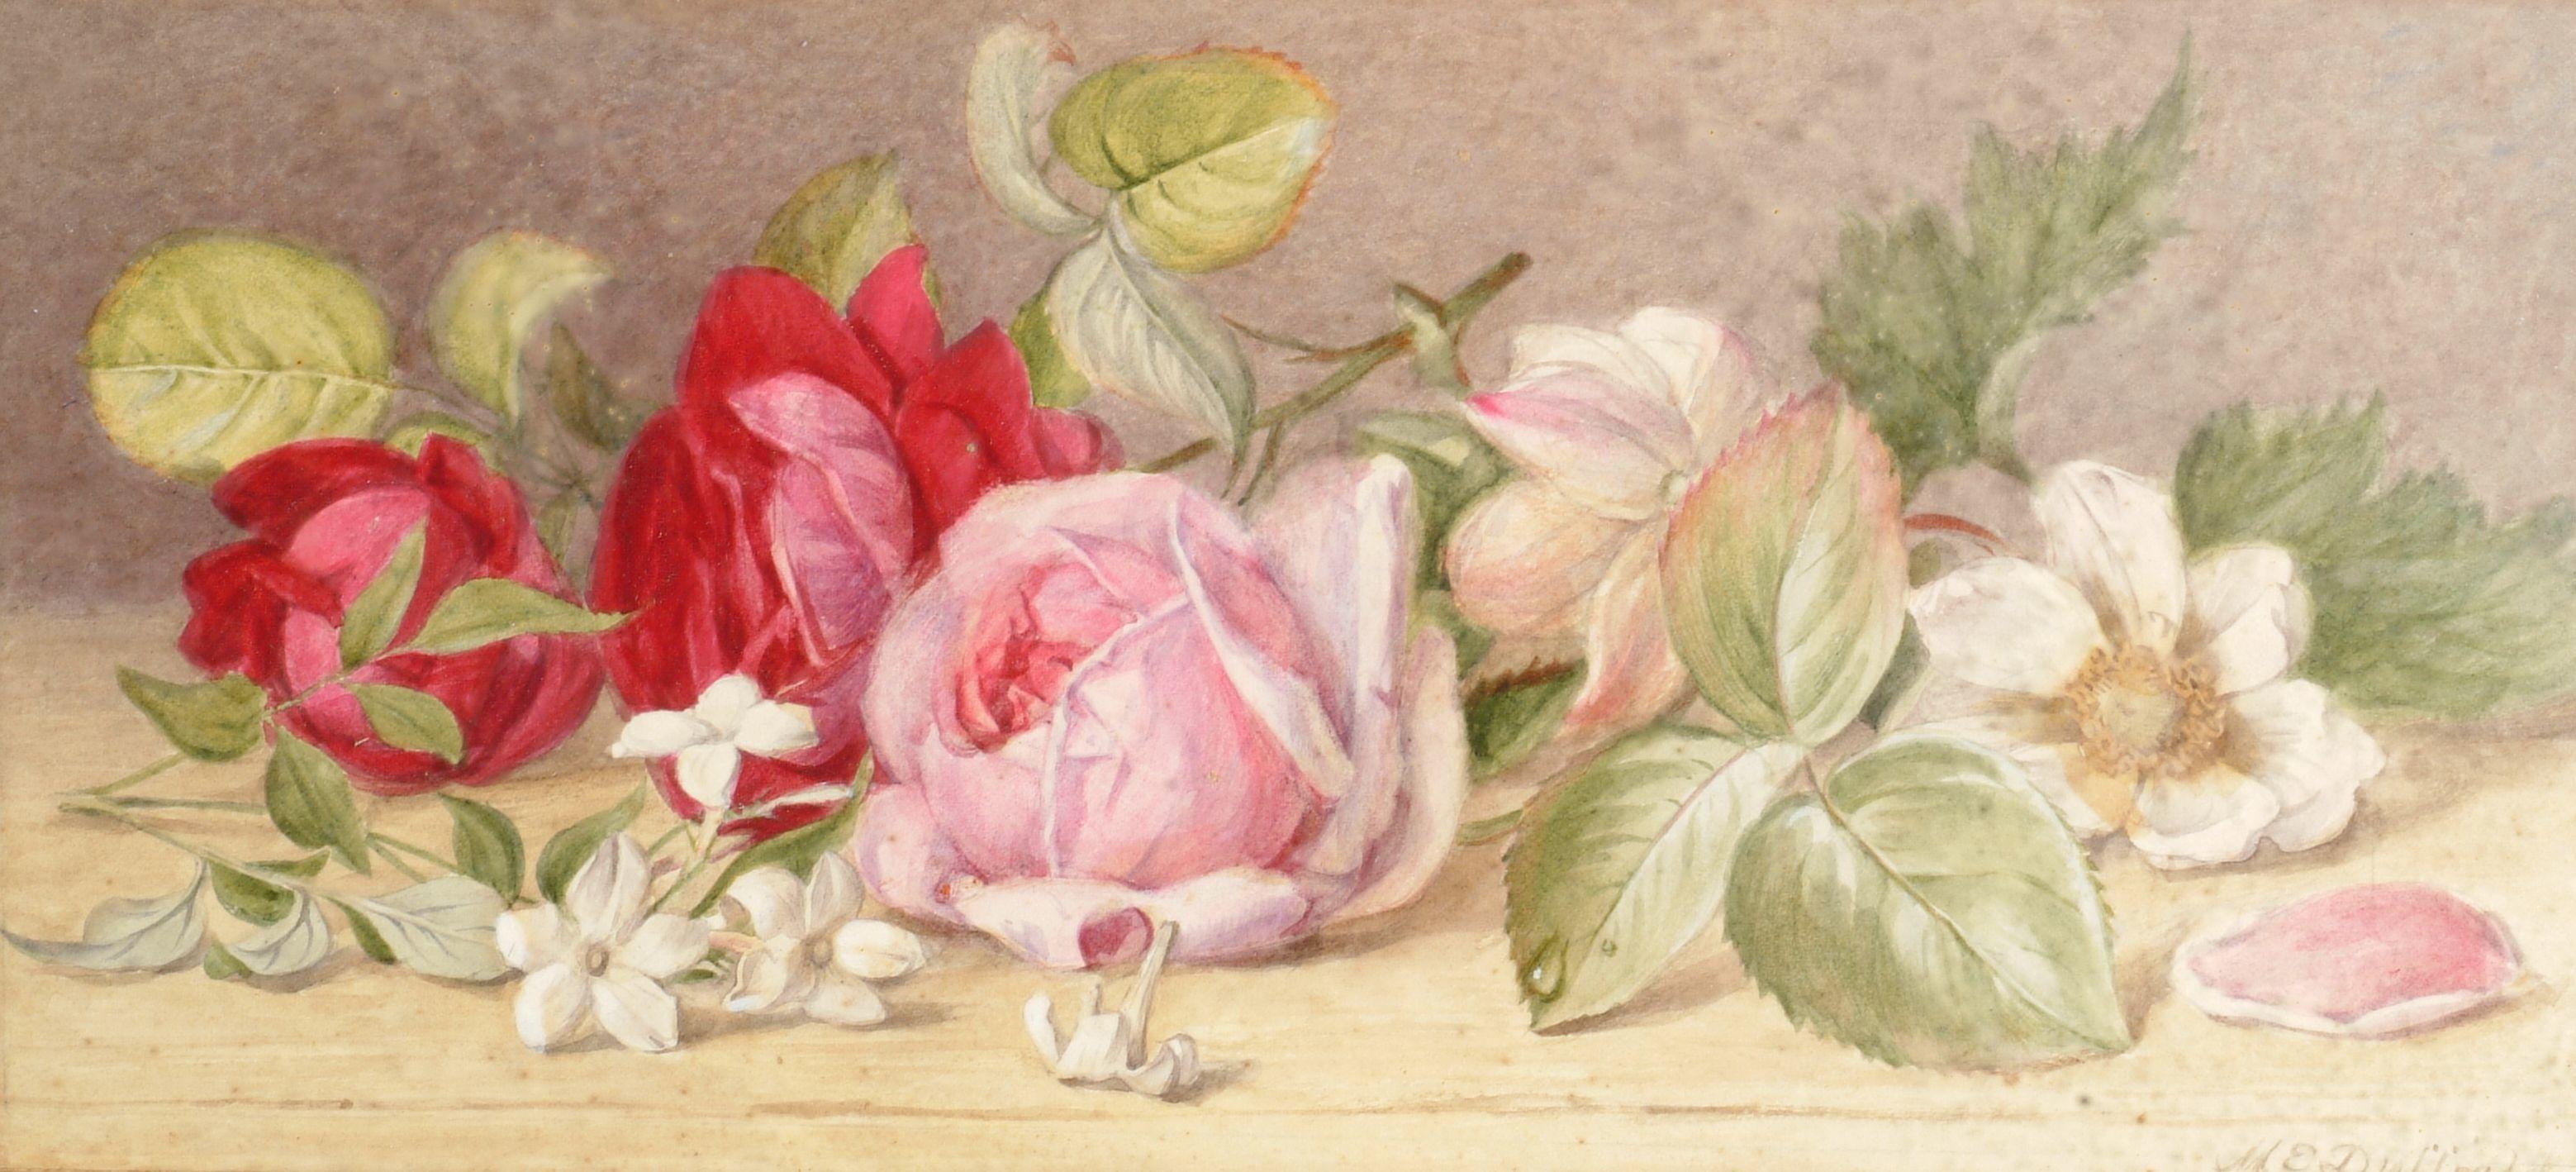 Mary Elizabeth Duffield (1819 - 1914)